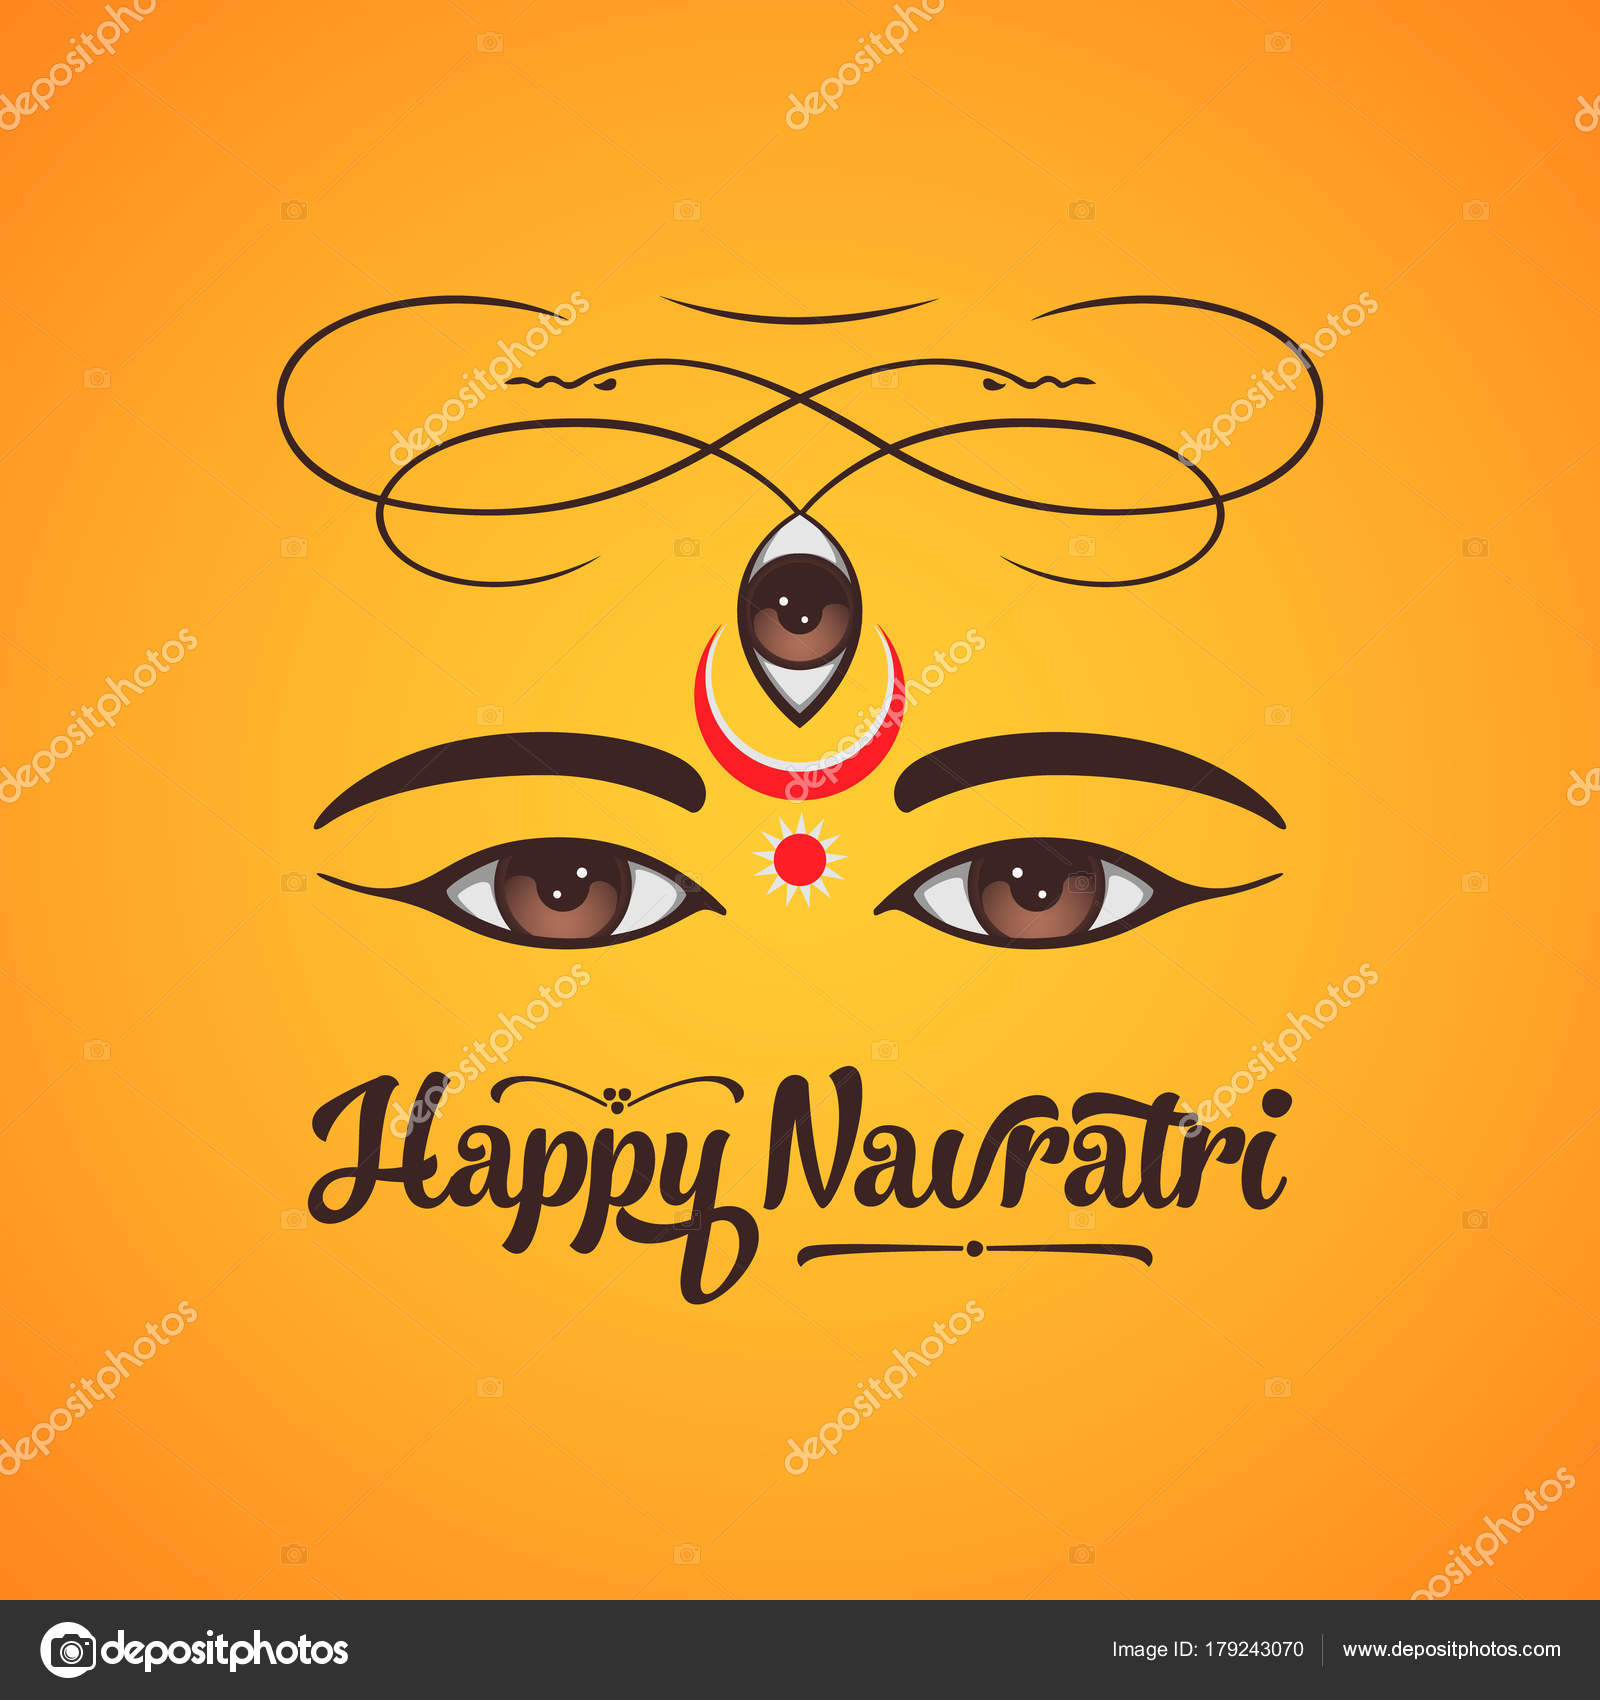 Happy Navratri Greeting Card Design Stock Vector Motokiwo